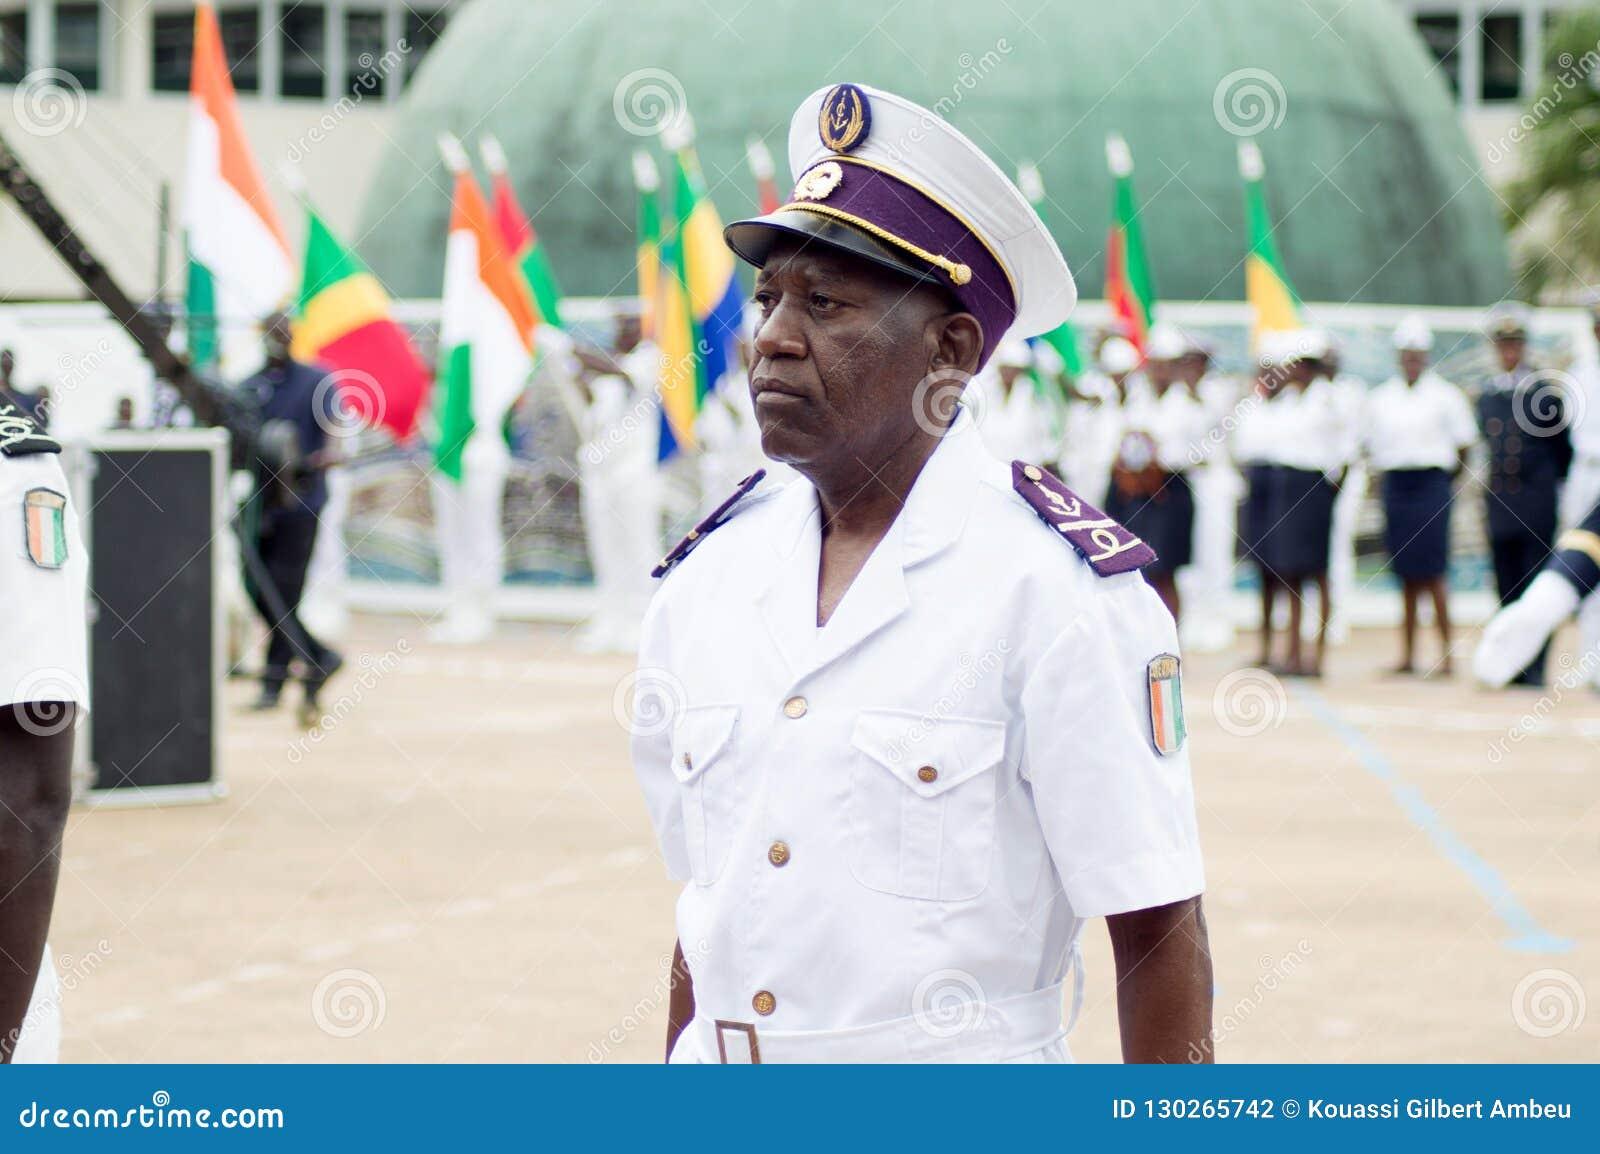 Présentation d un officier de la marine pendant un cérémonial